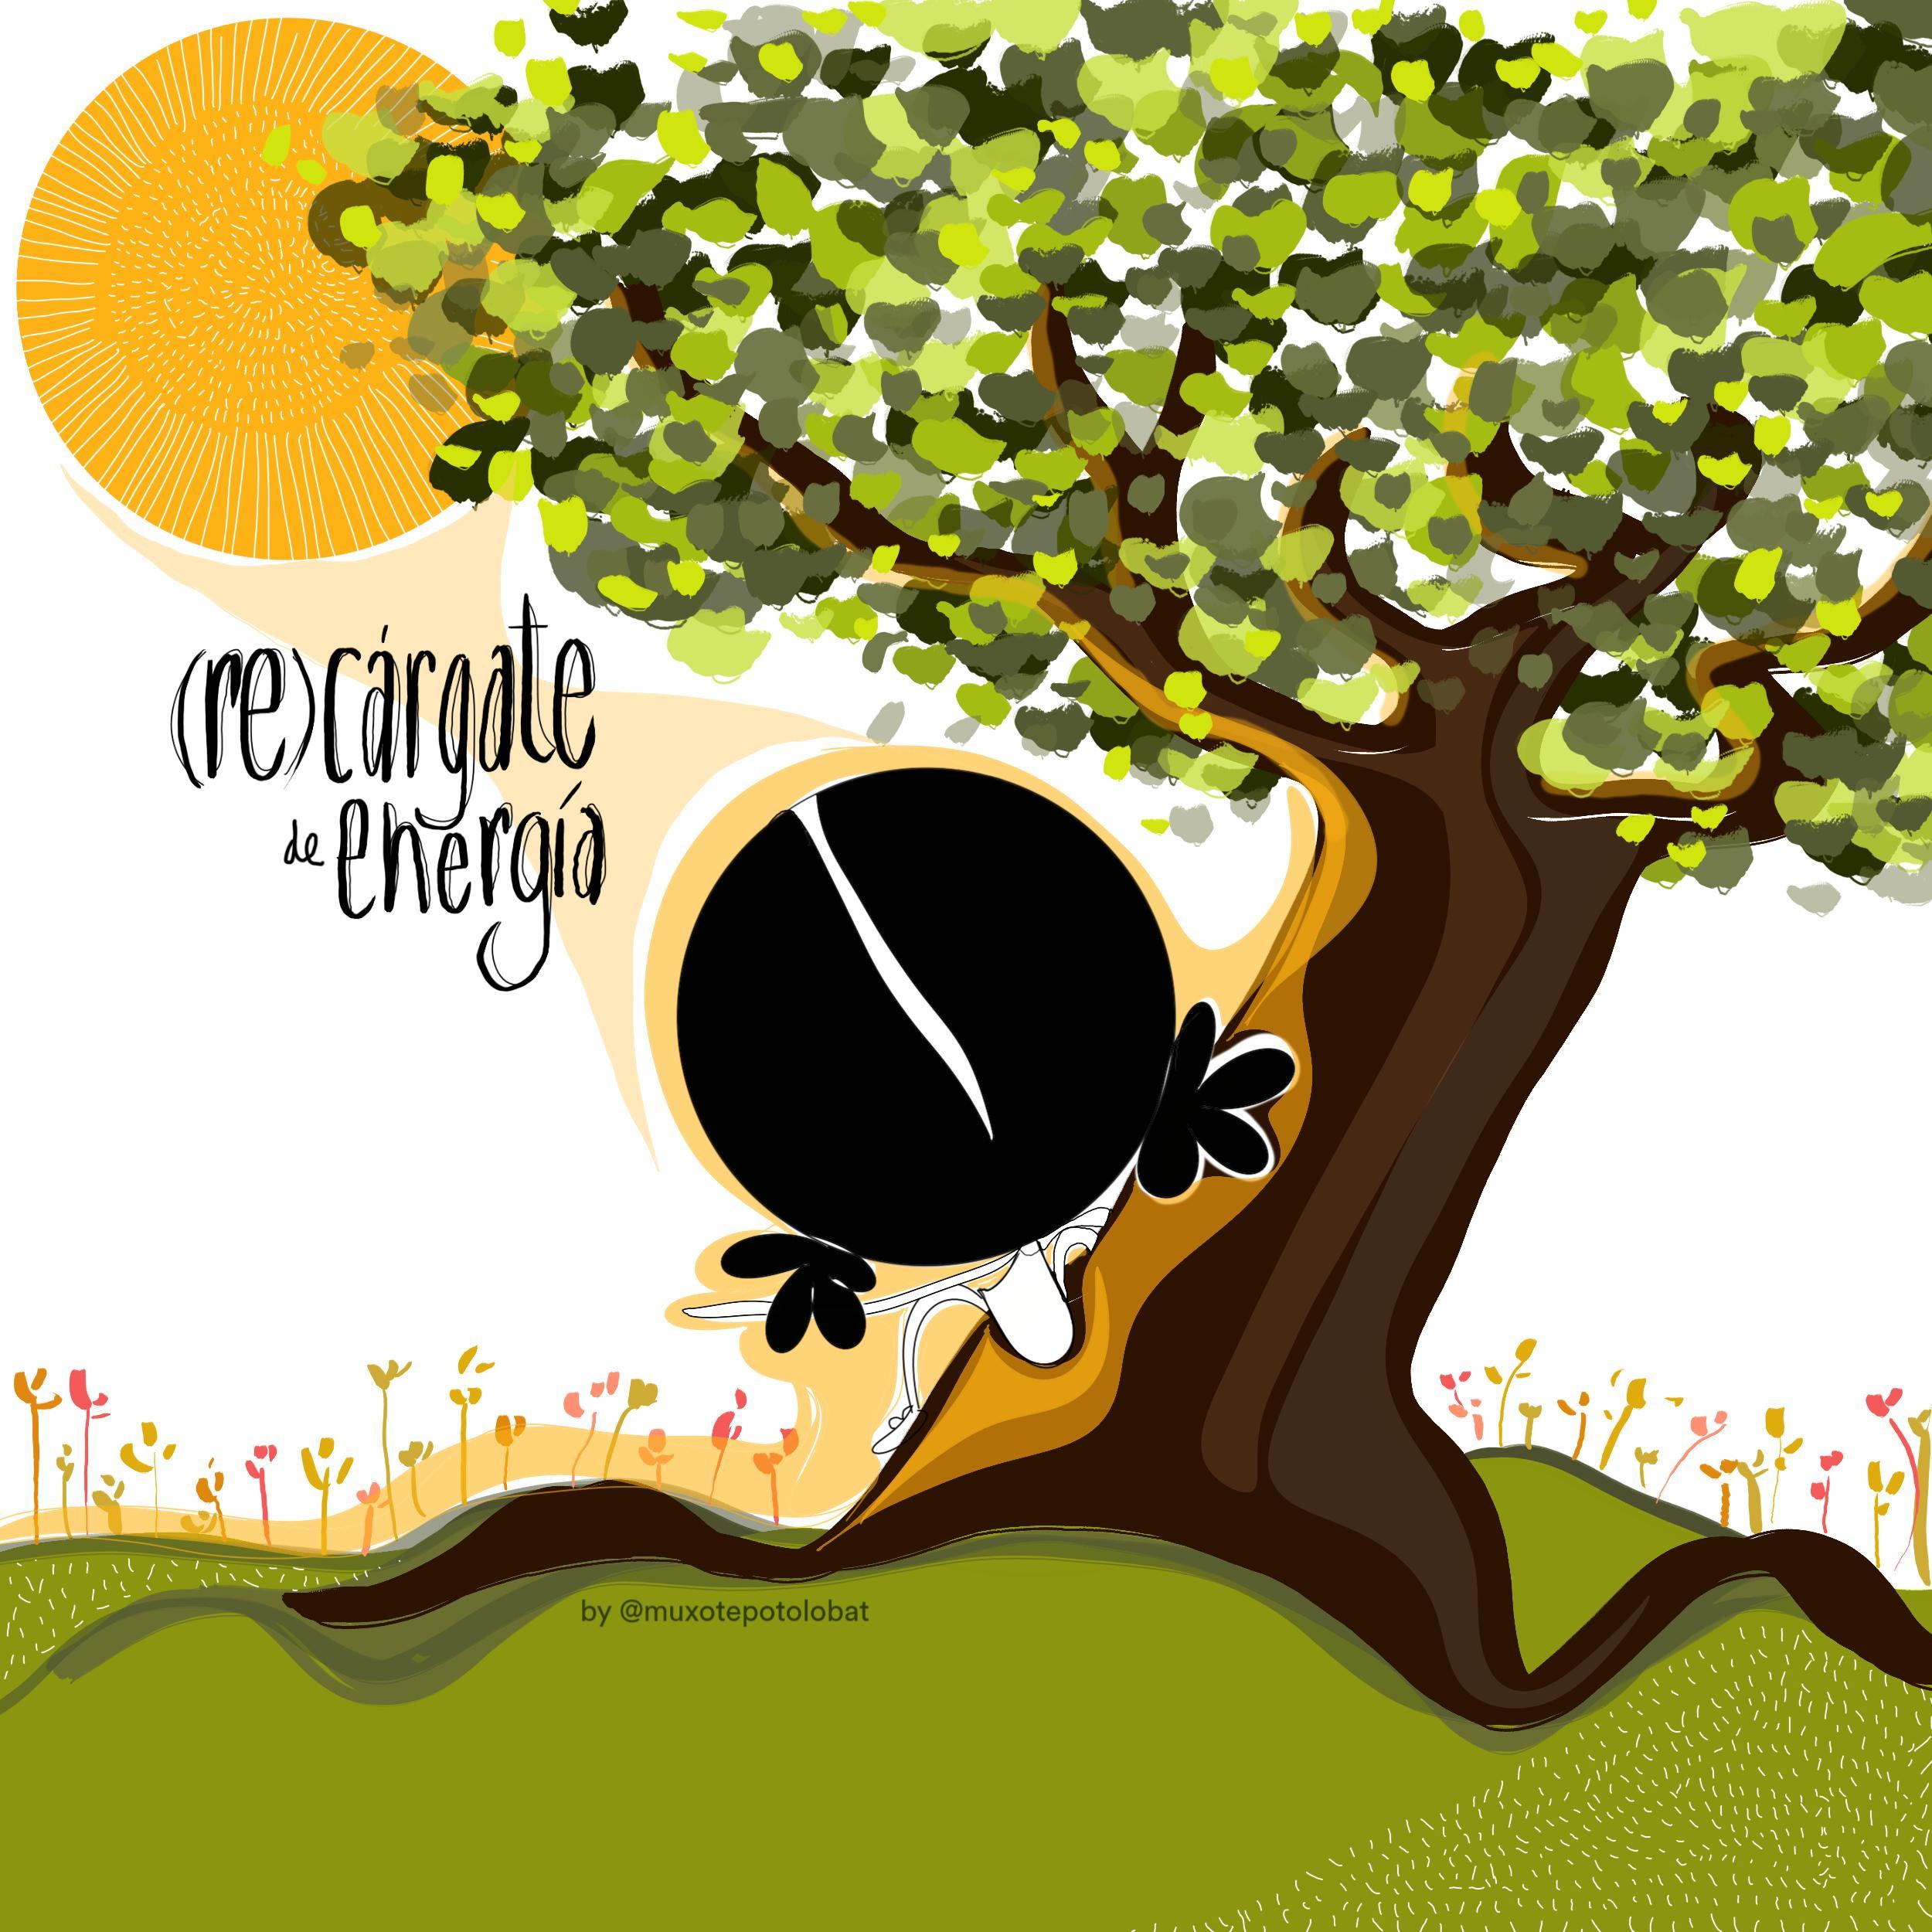 (re)cárgate de energía by Muxote Potolo Bat